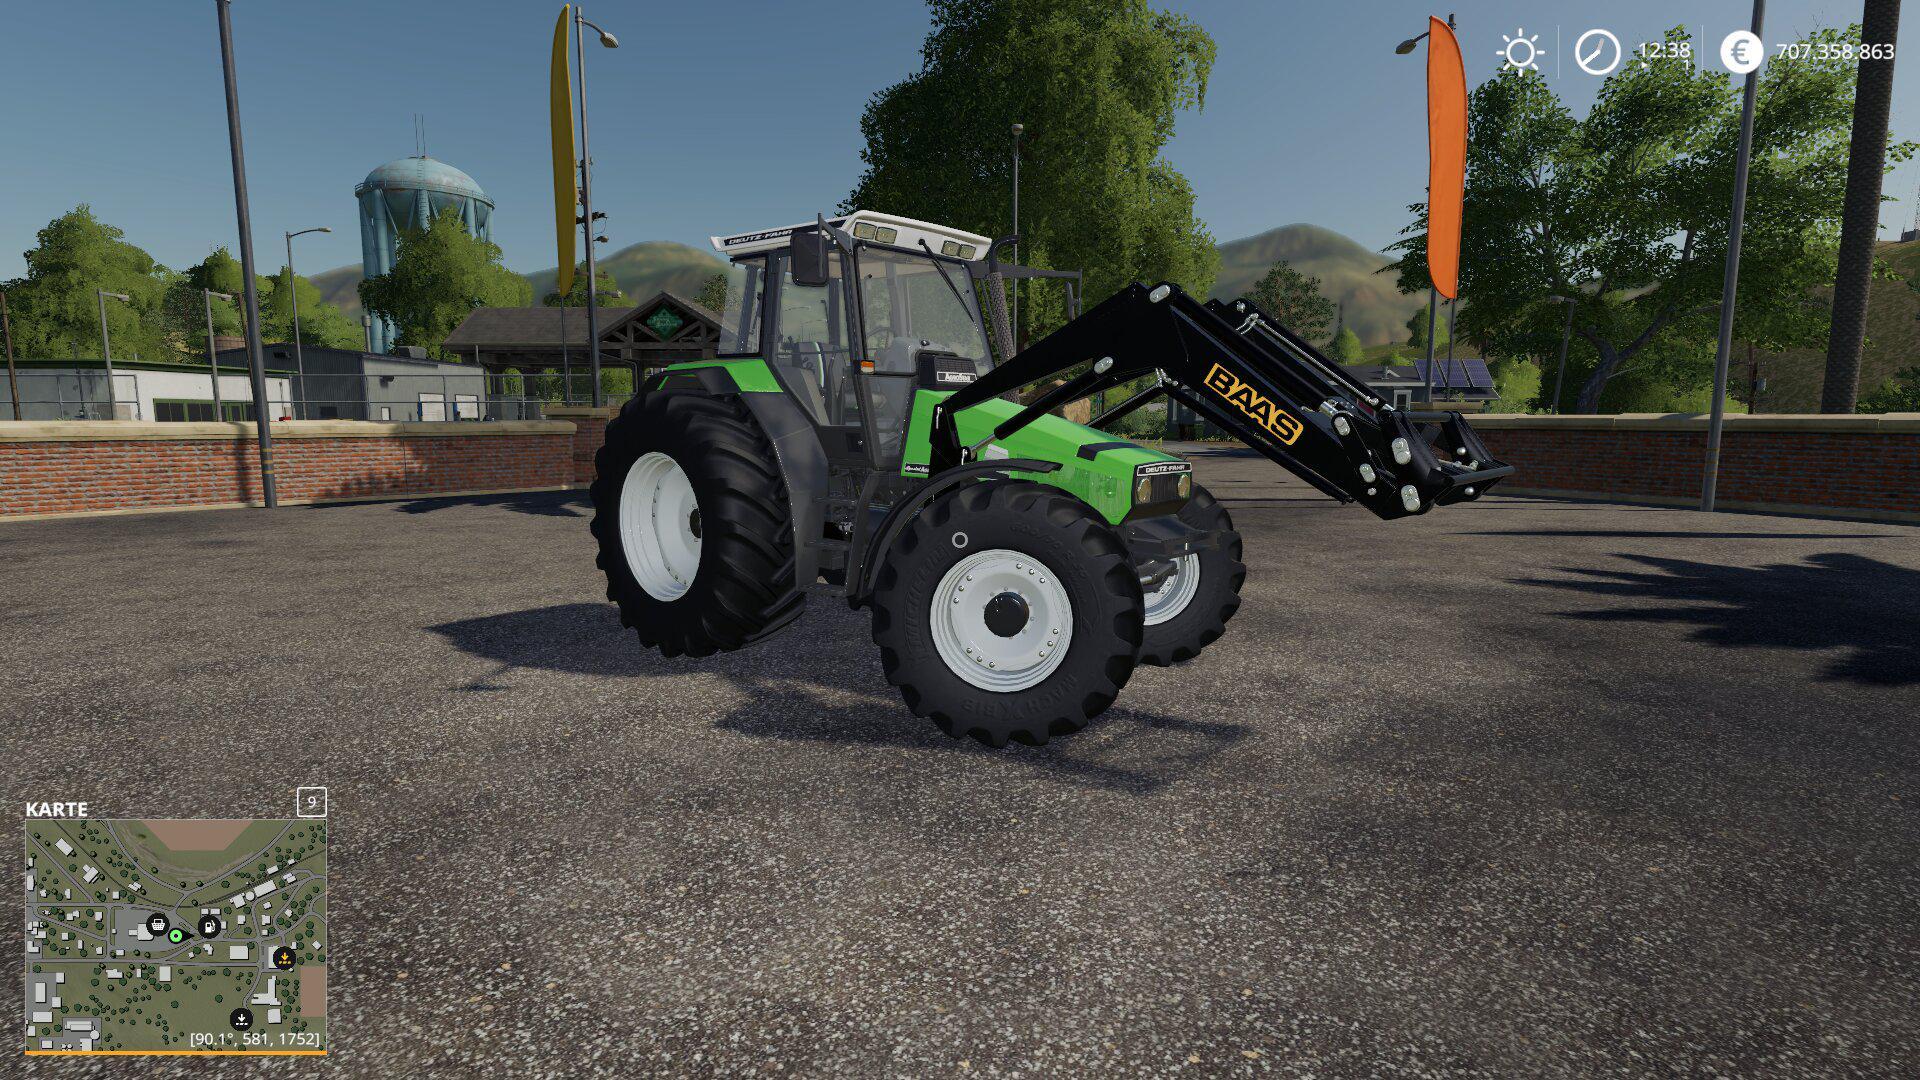 BAAS INDUSTRIELADER V1.0 для Farming Simulator 2019